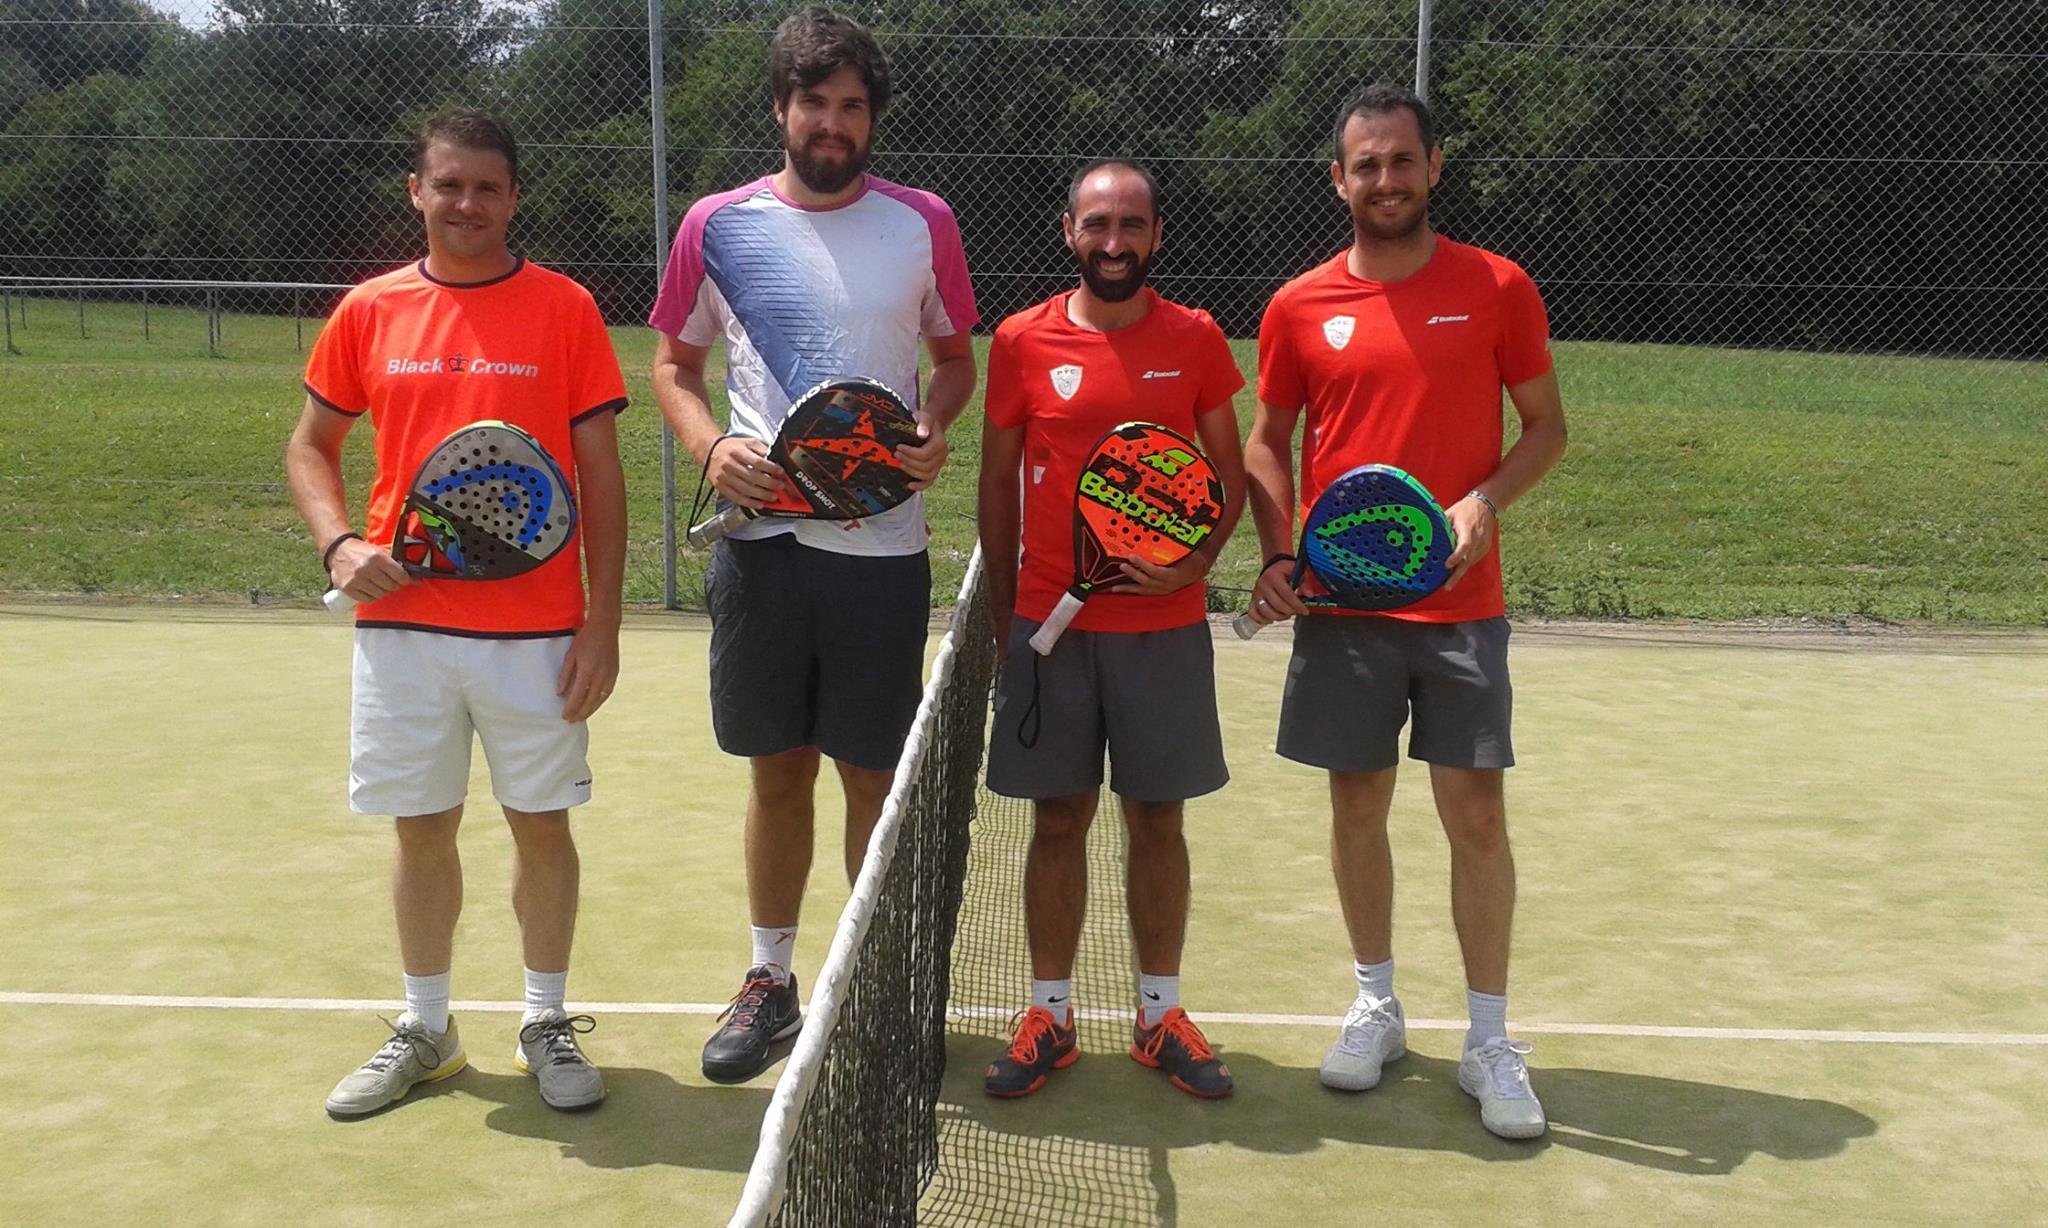 Yoann Roumy y Étienne Dubernet de Garros en el Open du Castres Occitan Padel